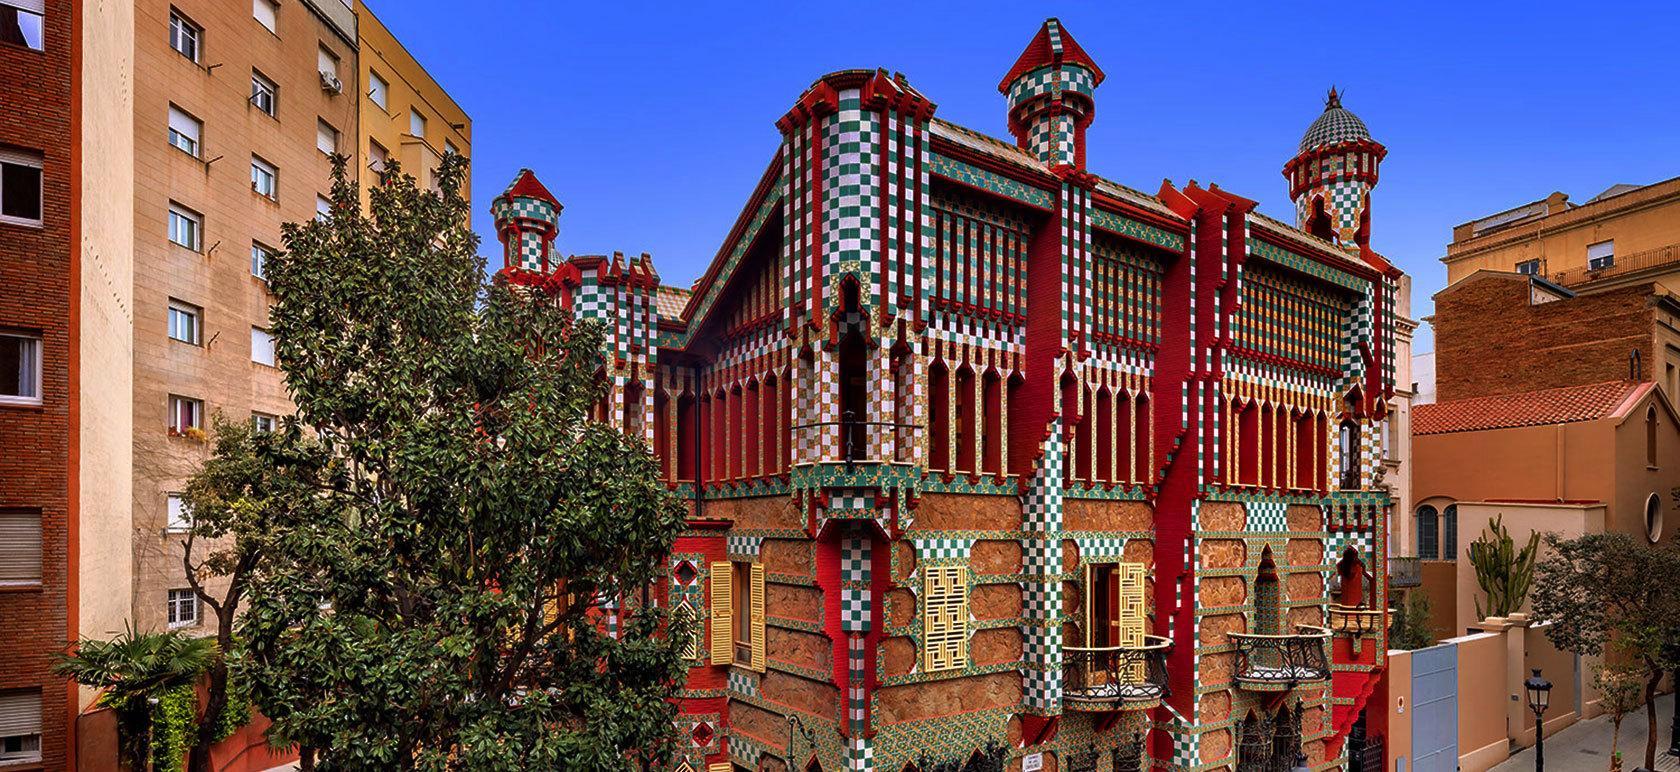 Творчество Антонио Гауди стало неотъемлемой частью жизни Каталонии, но для разнообразия хорошо взглянуть не на самые известные и грандиозные творения, а на не менее привлекательные ранние работы. К таким относится дом Casa Vicens, спрятавшийся на улице Carrer de les Carolines 20